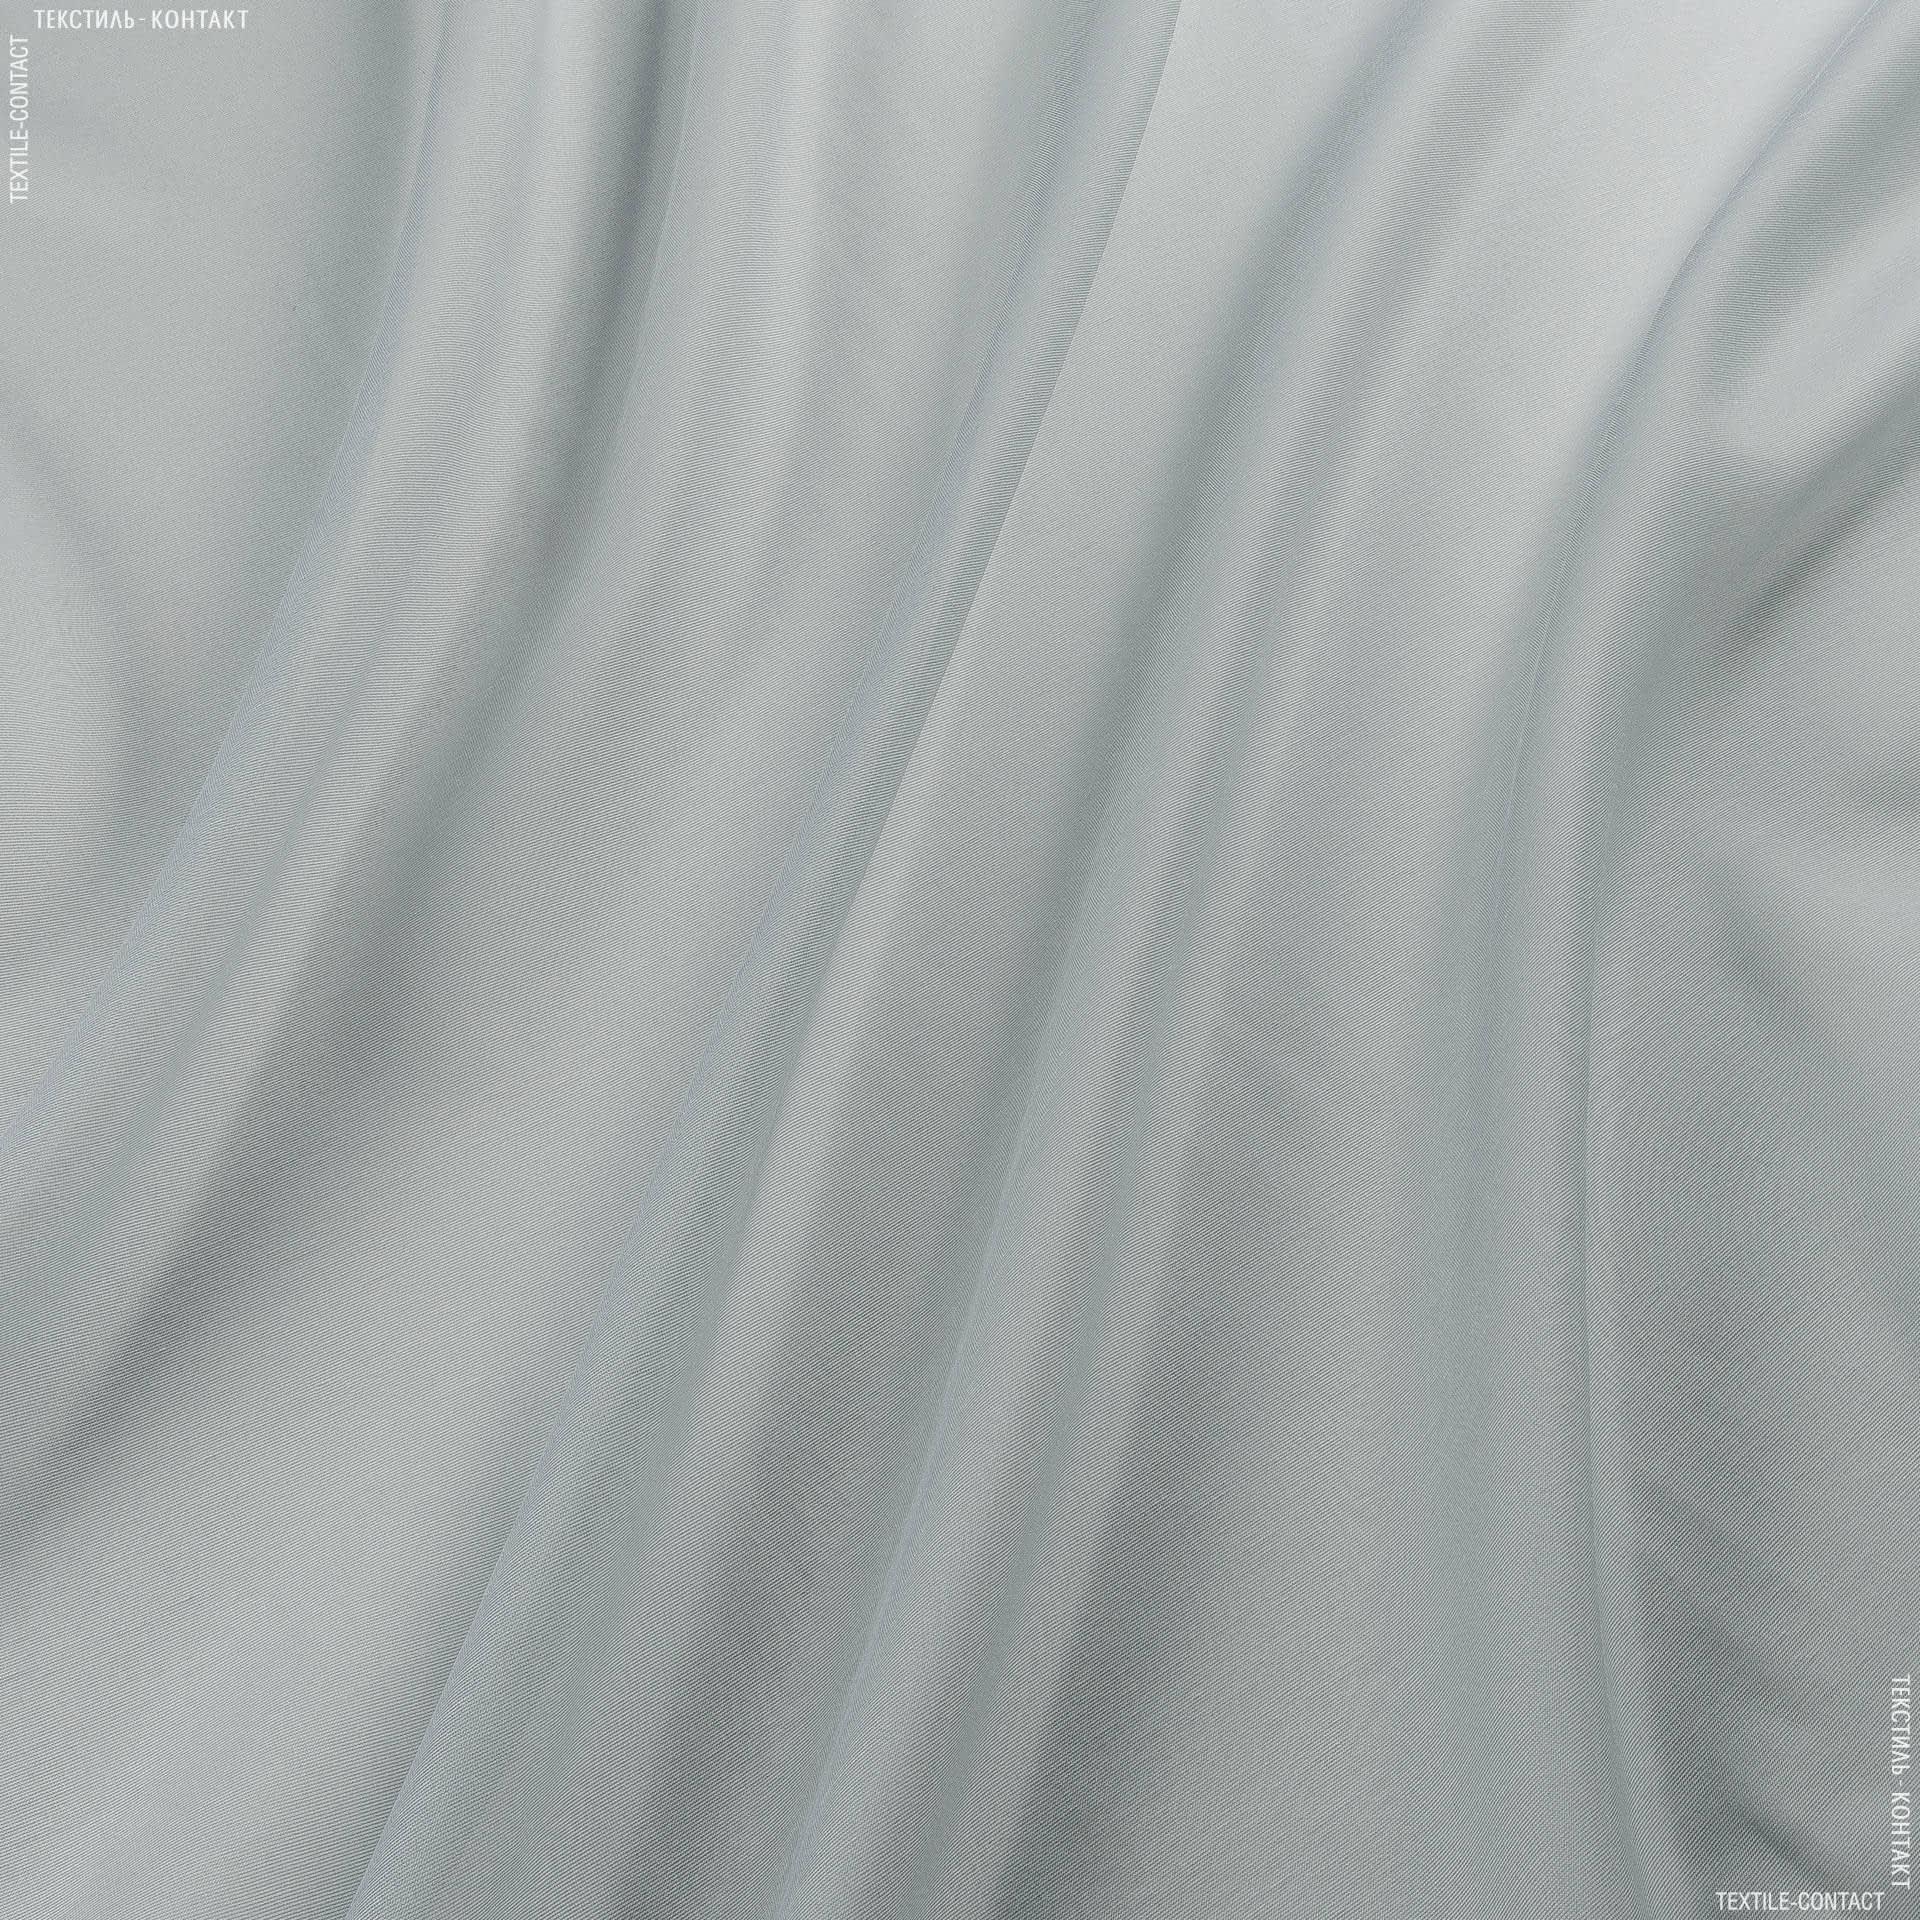 Ткани гардинные ткани - Тюль с утяжелителем  батист рим св.серый